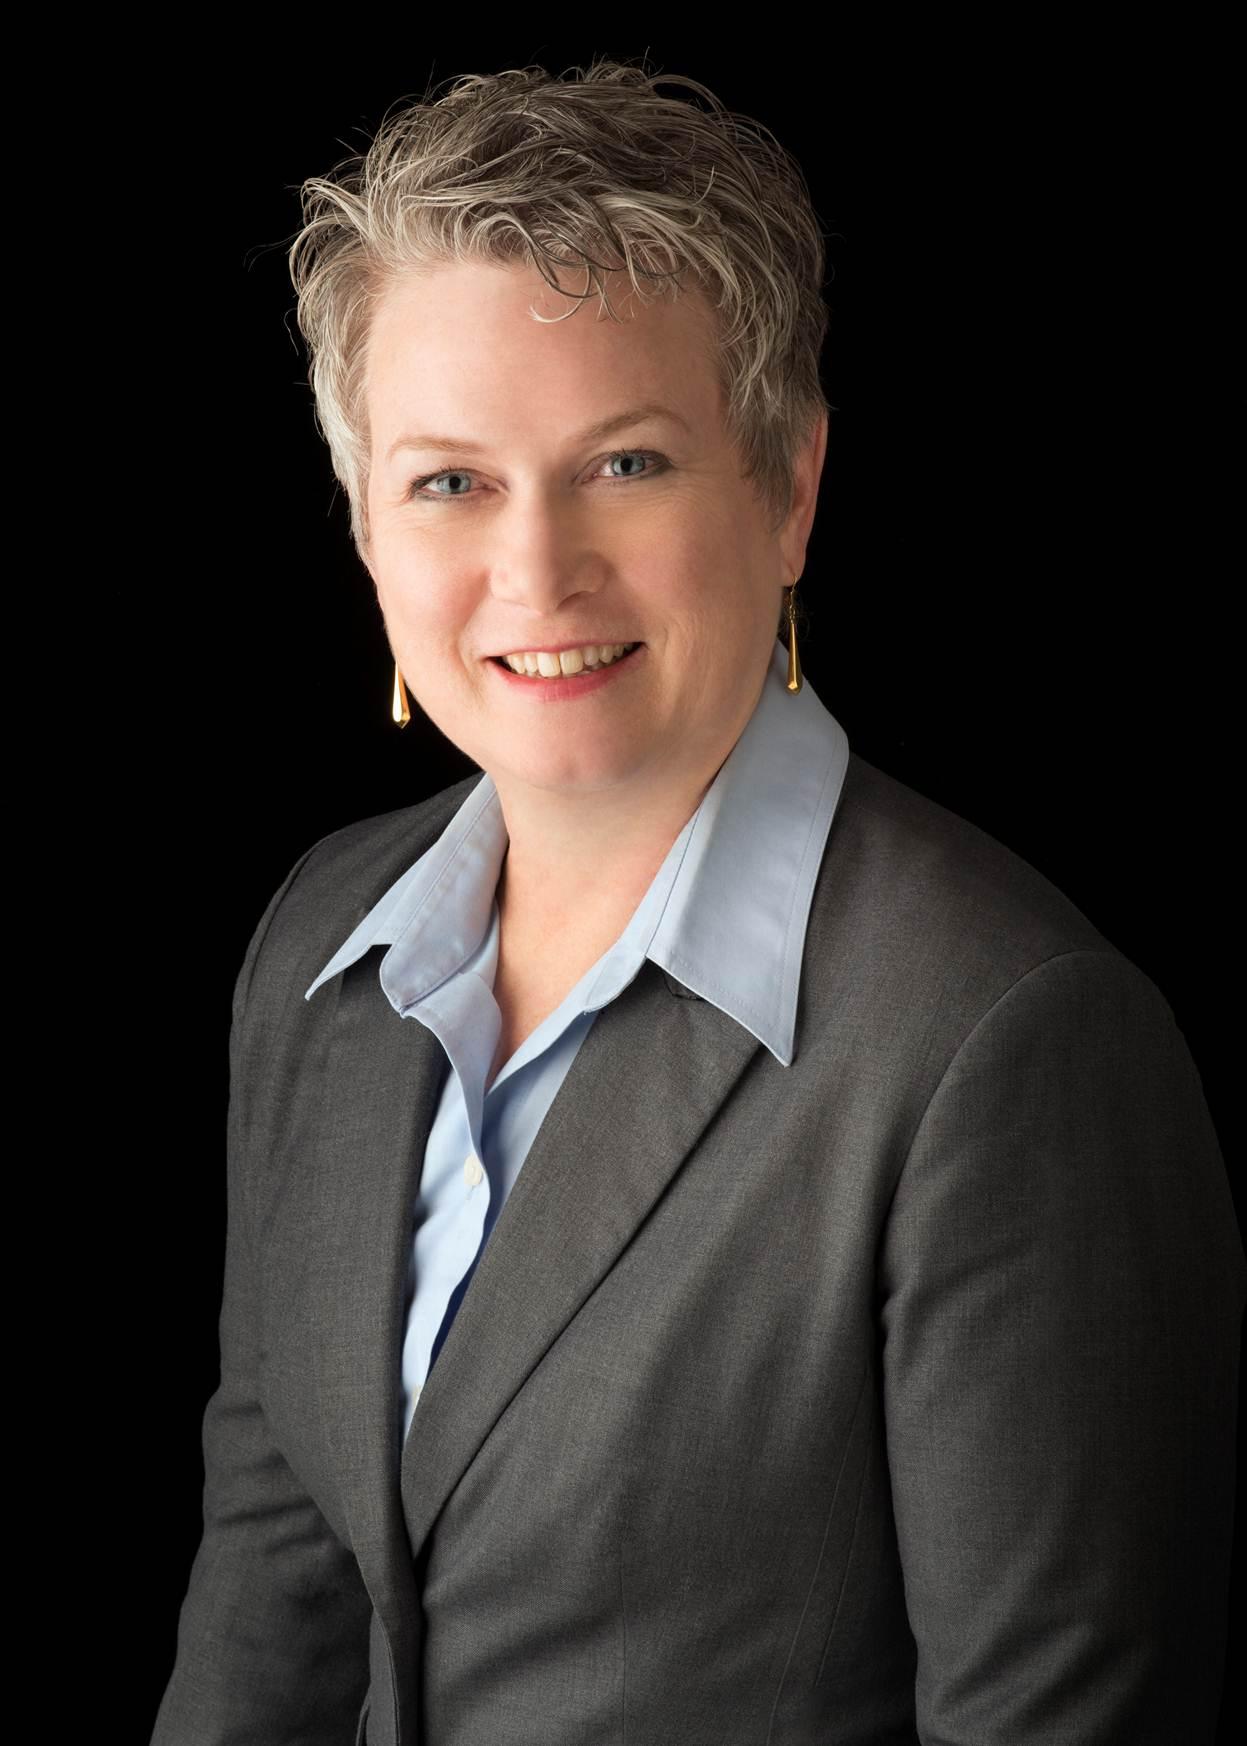 Sarah Gardial